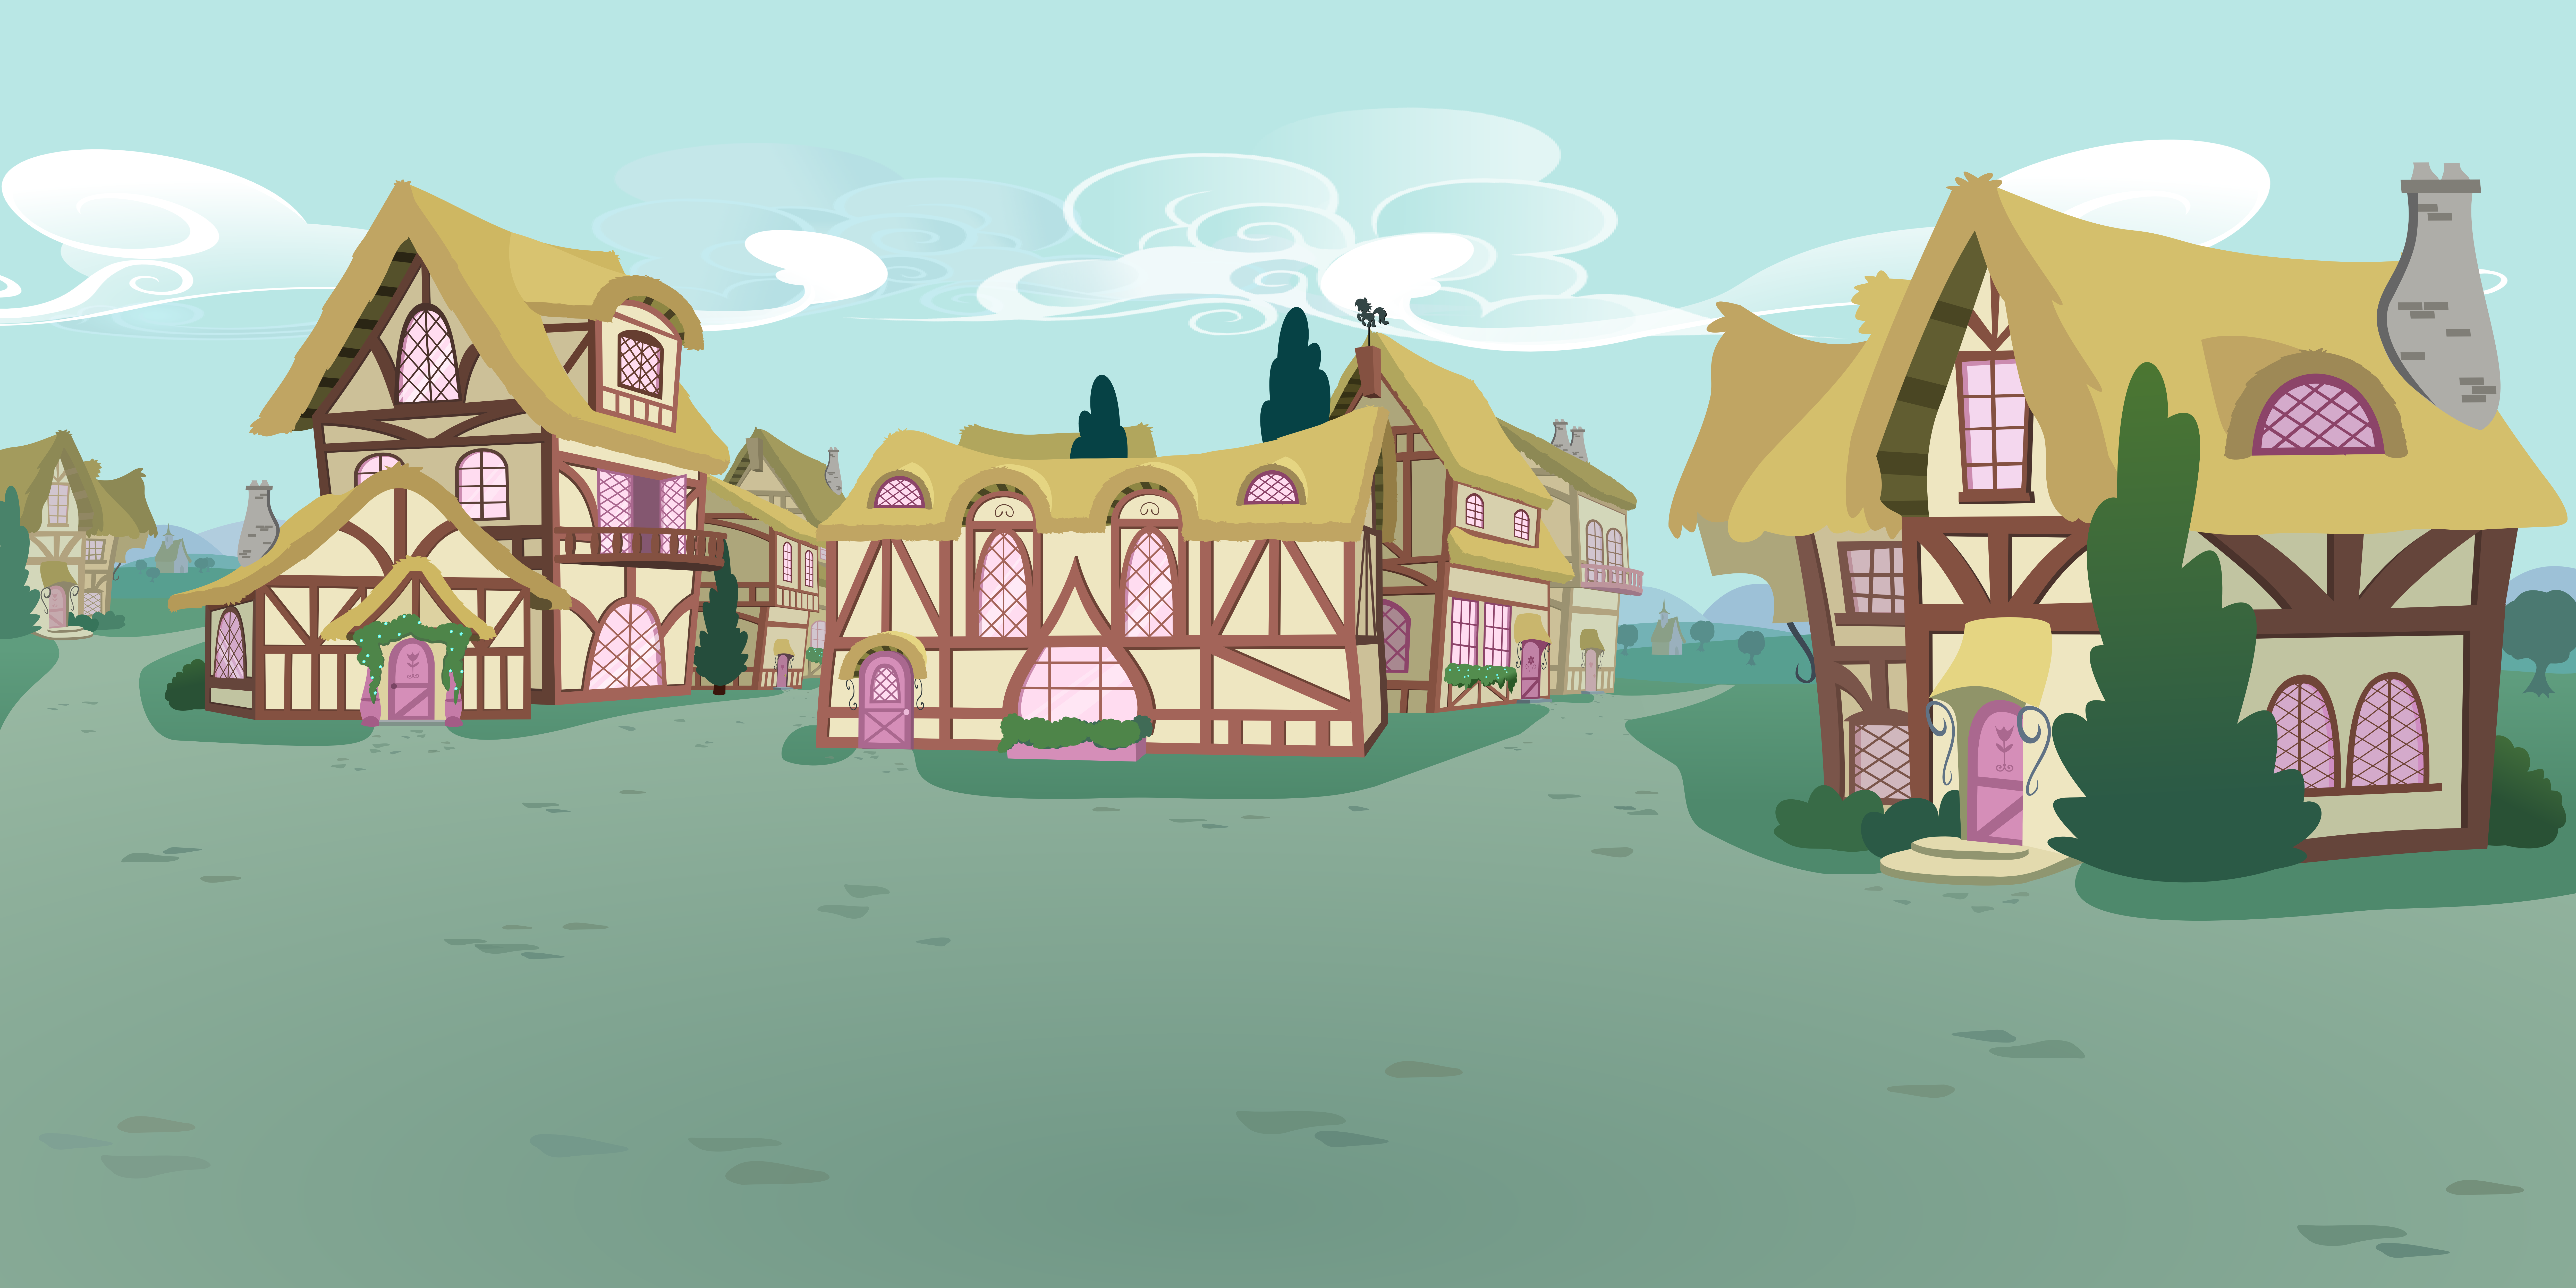 pony ville outskirts